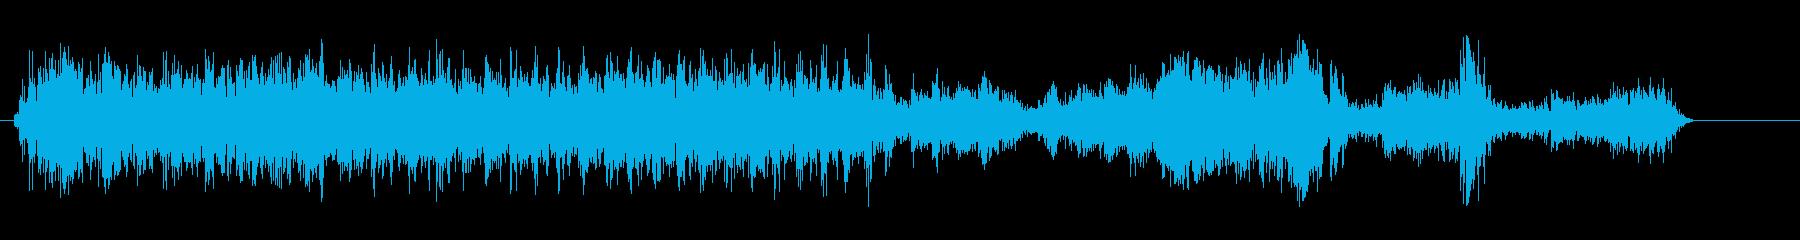 キィシィン、とロボットが動く音の再生済みの波形